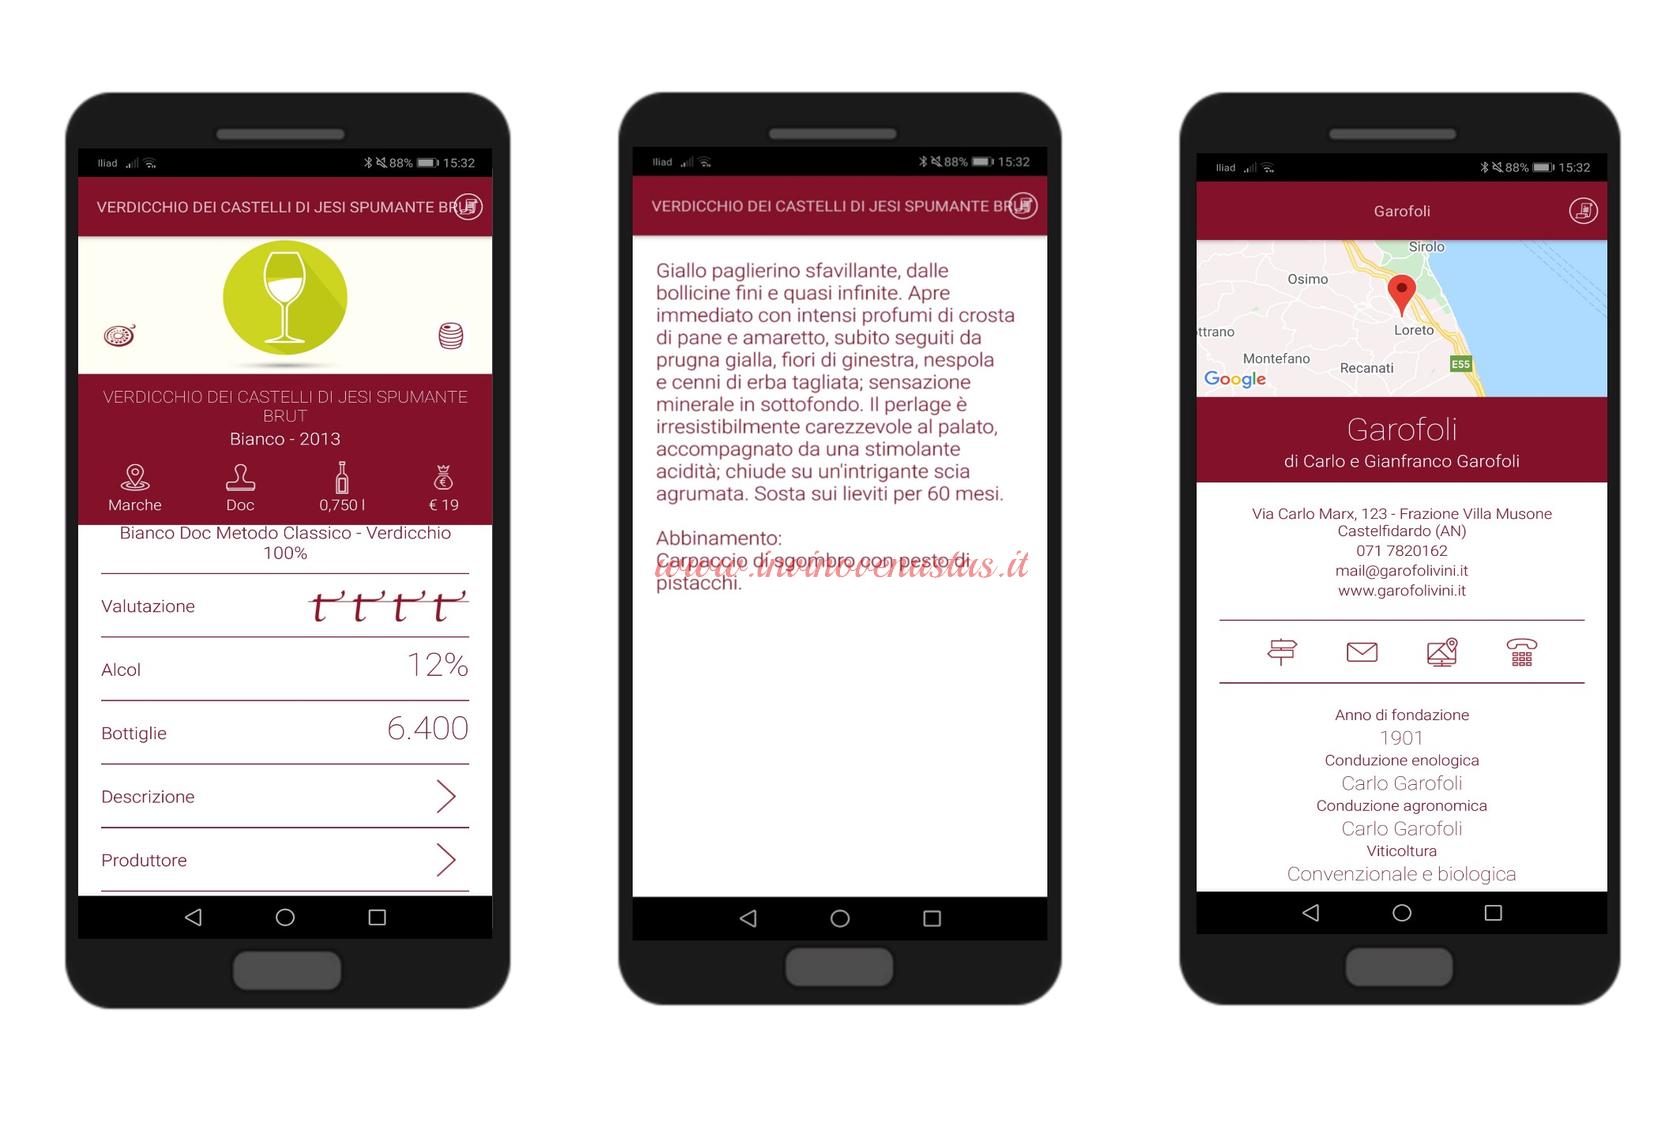 Screenshot per mostrare i risultati dalla ricerca di un vino sull' App Vitae AIS